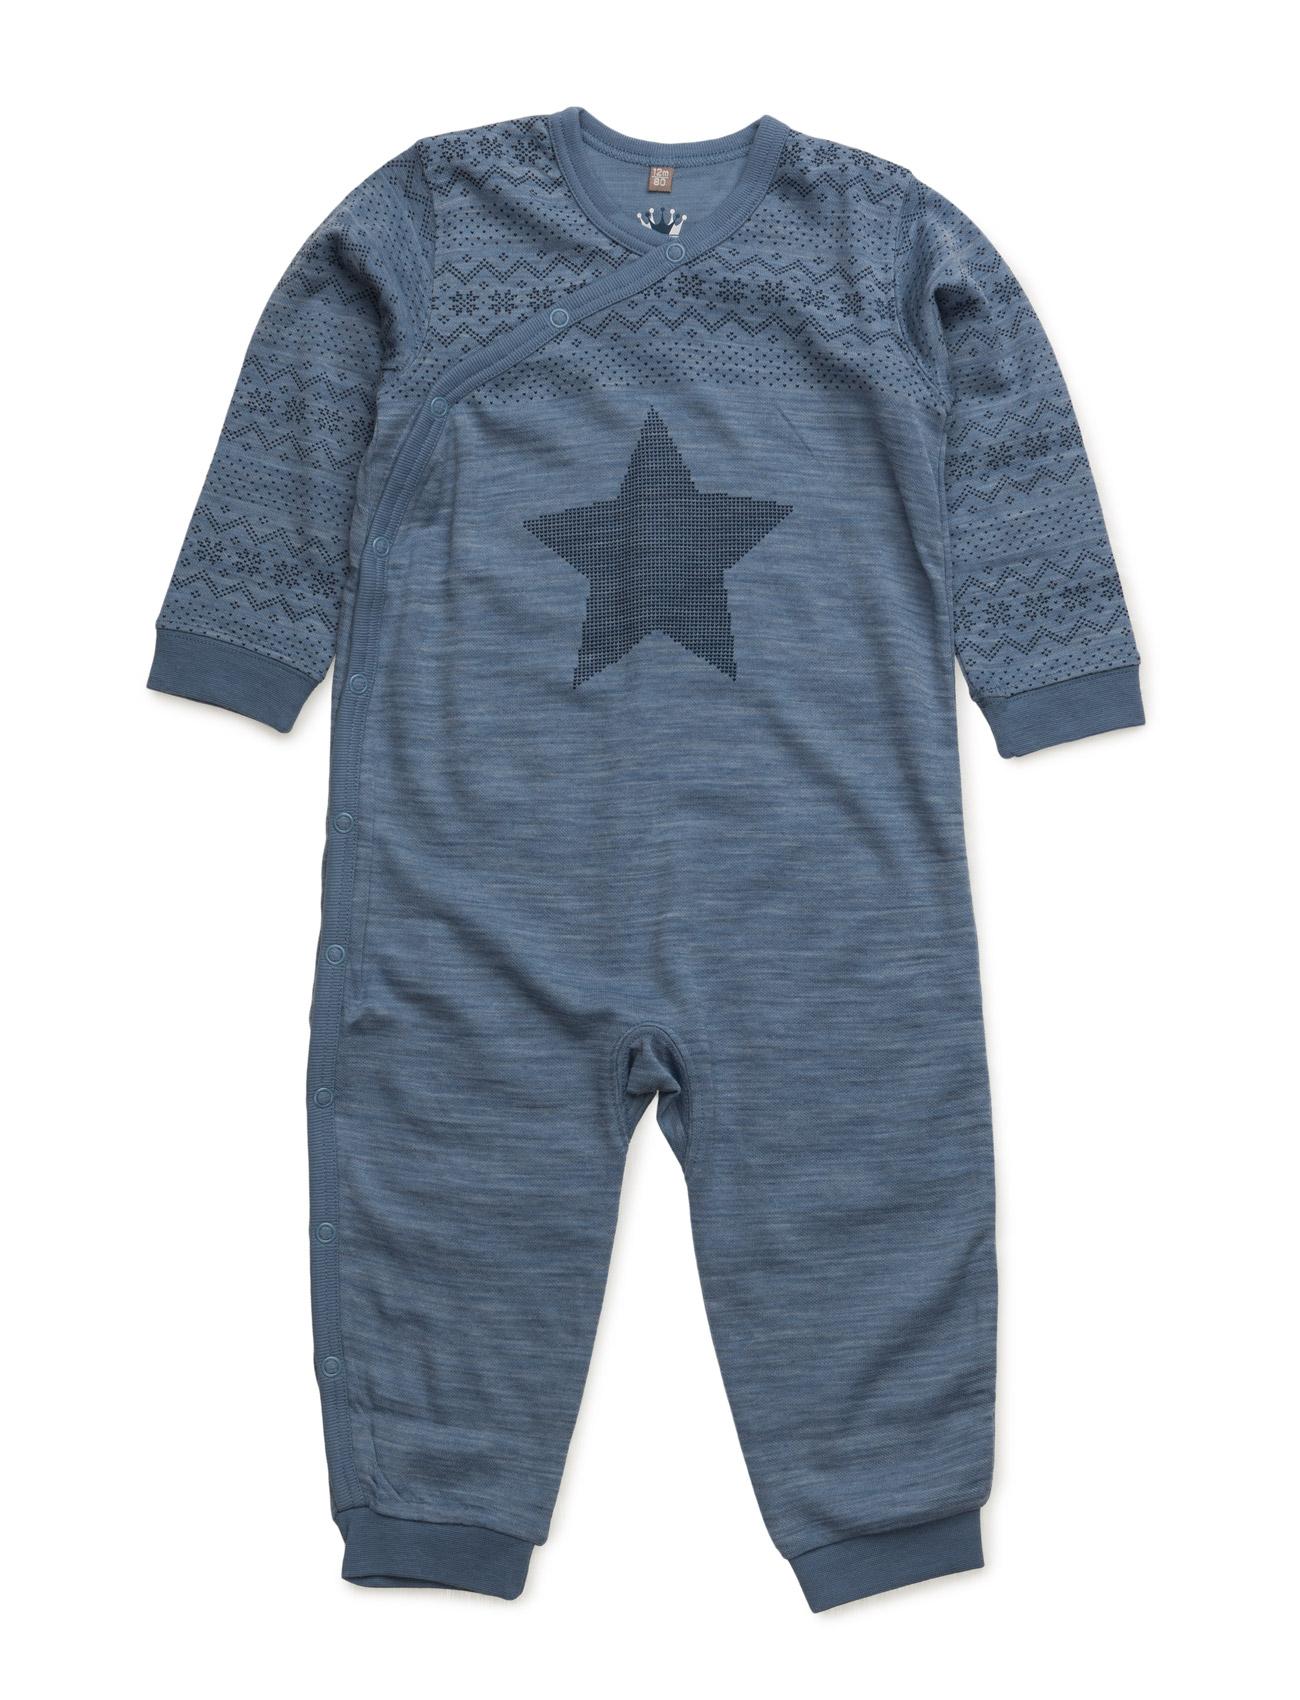 Nightwear Hust & Claire Pyjamas til Børn i